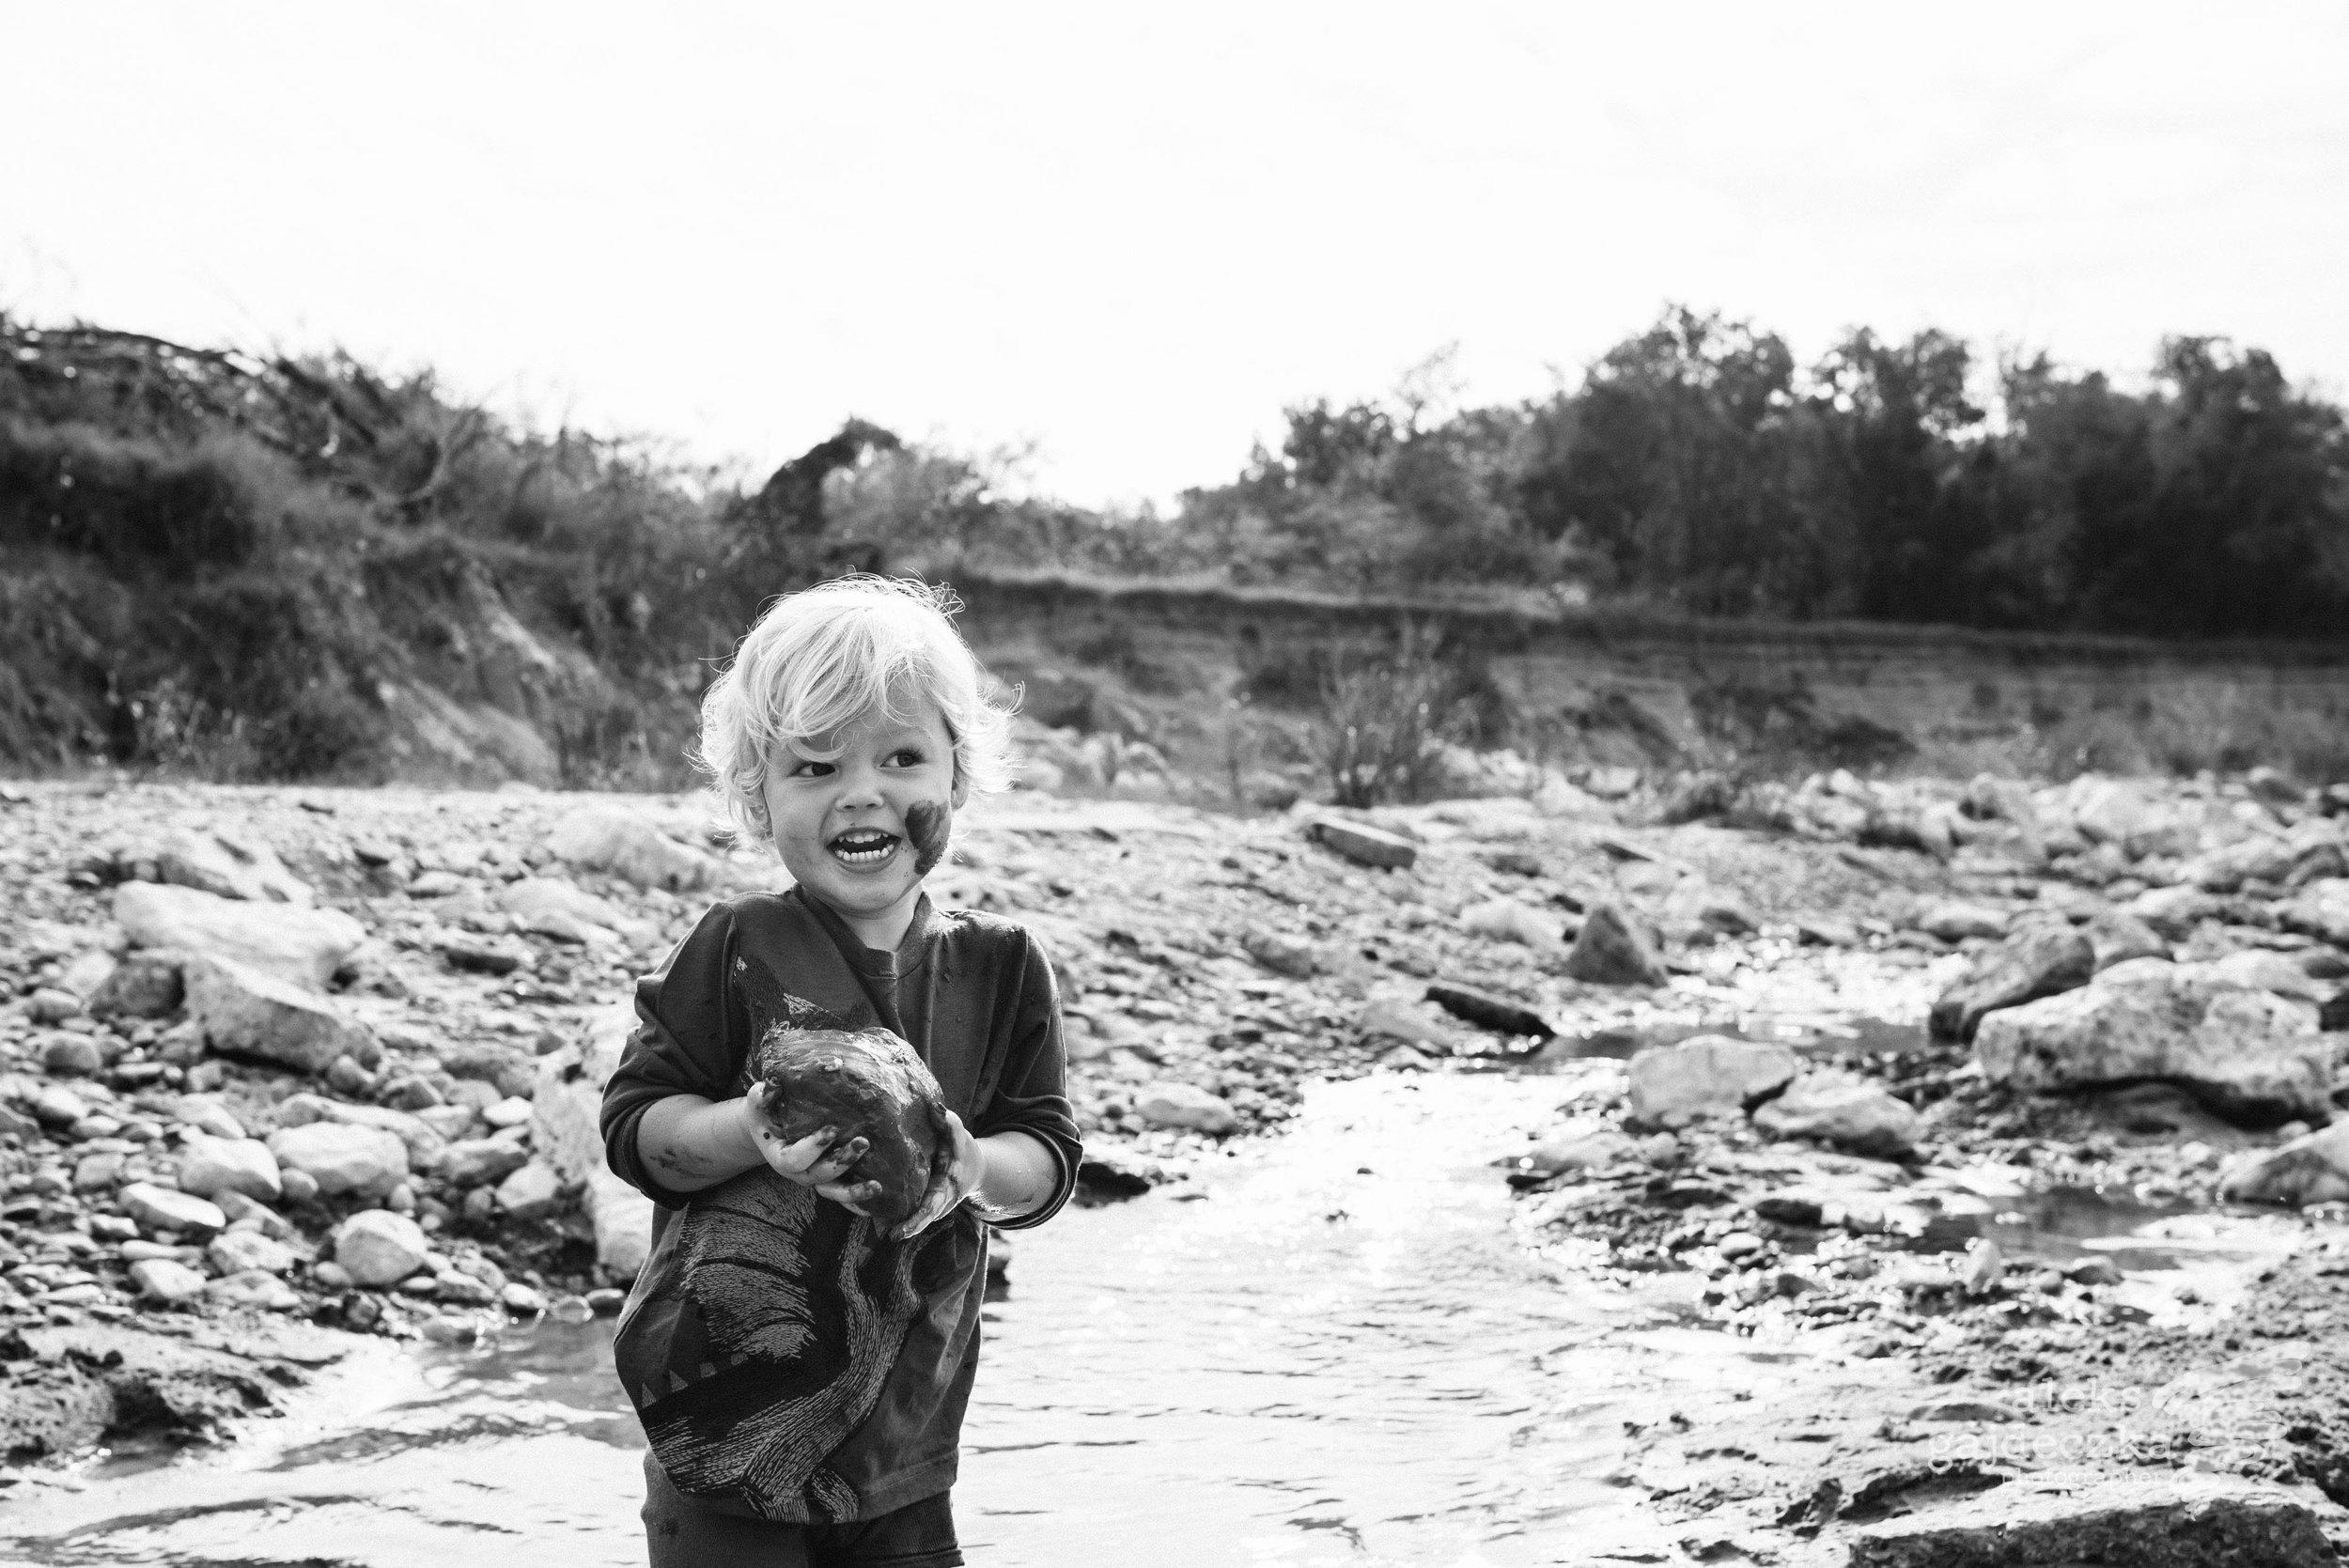 austin-outdoor-kids-activities.jpg